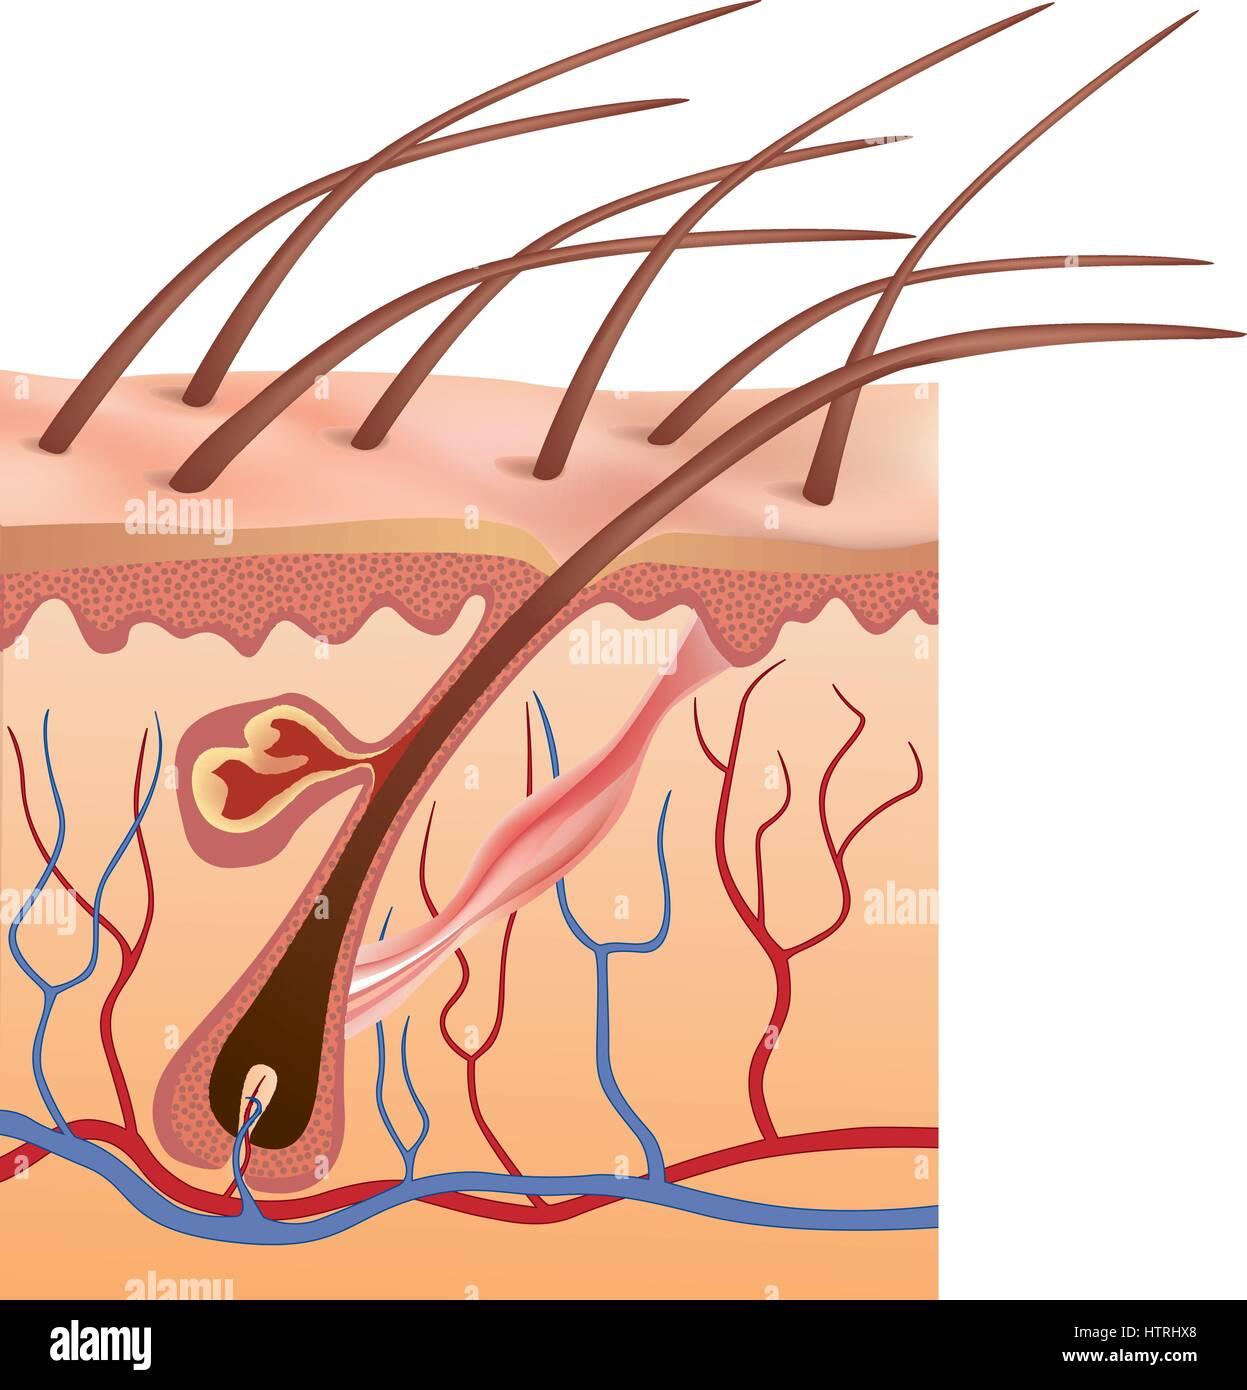 La pelle umana e la struttura dei capelli. segno anatomico. cure di bellezza illustrazione isolato Immagini Stock